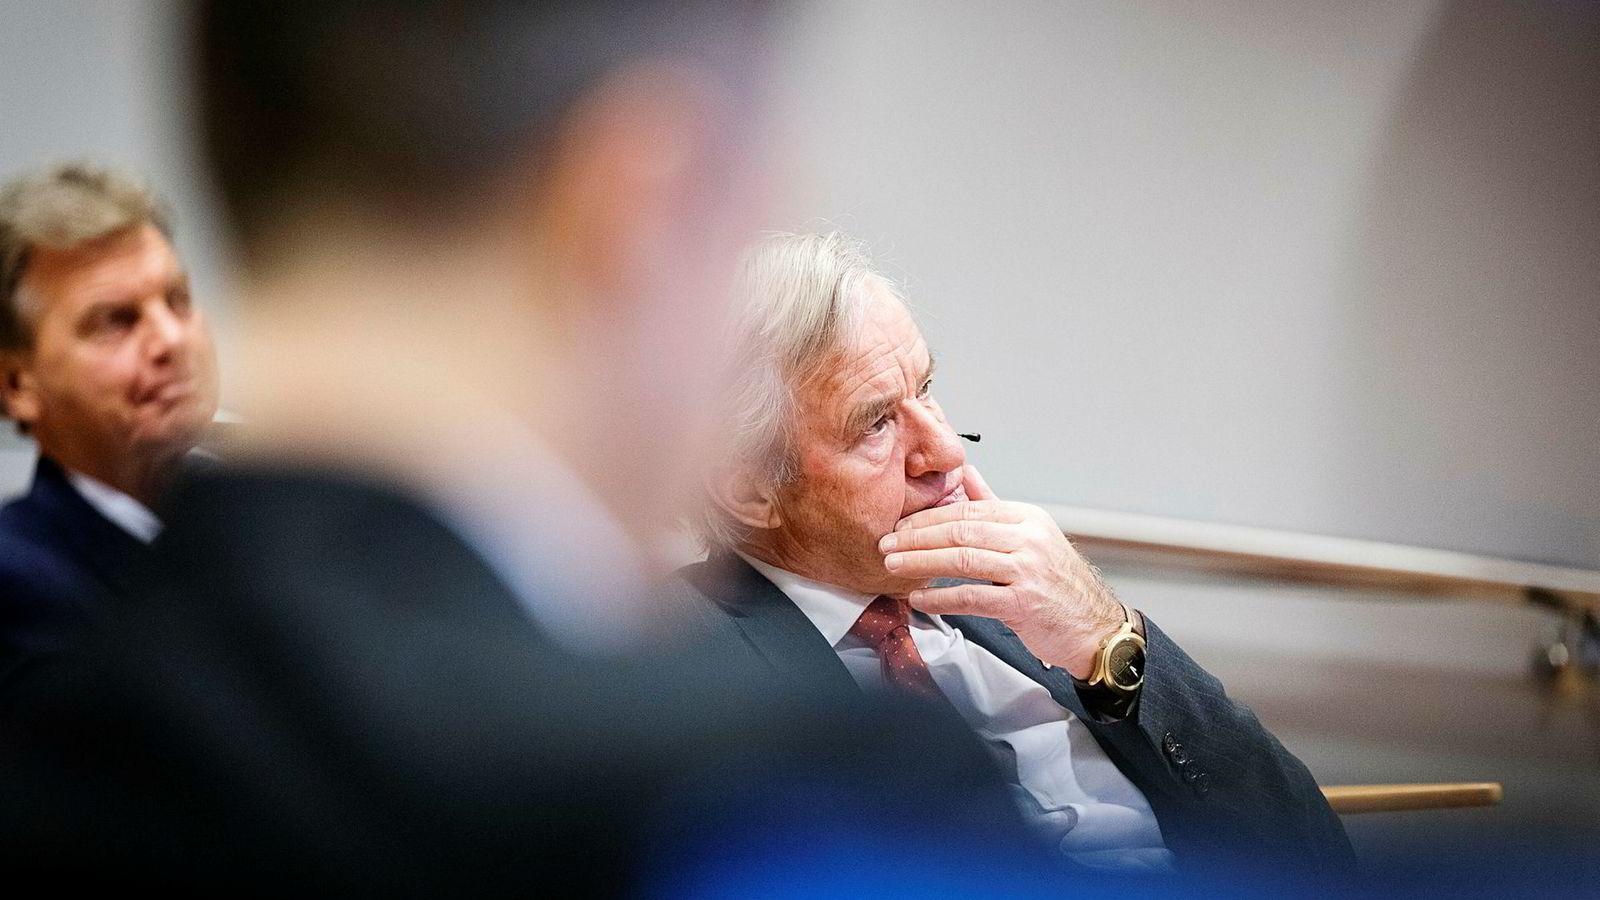 Norwegians konsernsjef Bjørn Kjos (til høyre) må selge videre retten til å delta i pengeinnhenting til selskapet med en stor rabatt for å være sikker på at pengene kommer inn. Han og forretningspartner Bjørn H. Kise (bak) kan gå glipp av rundt 86 millioner kroner.